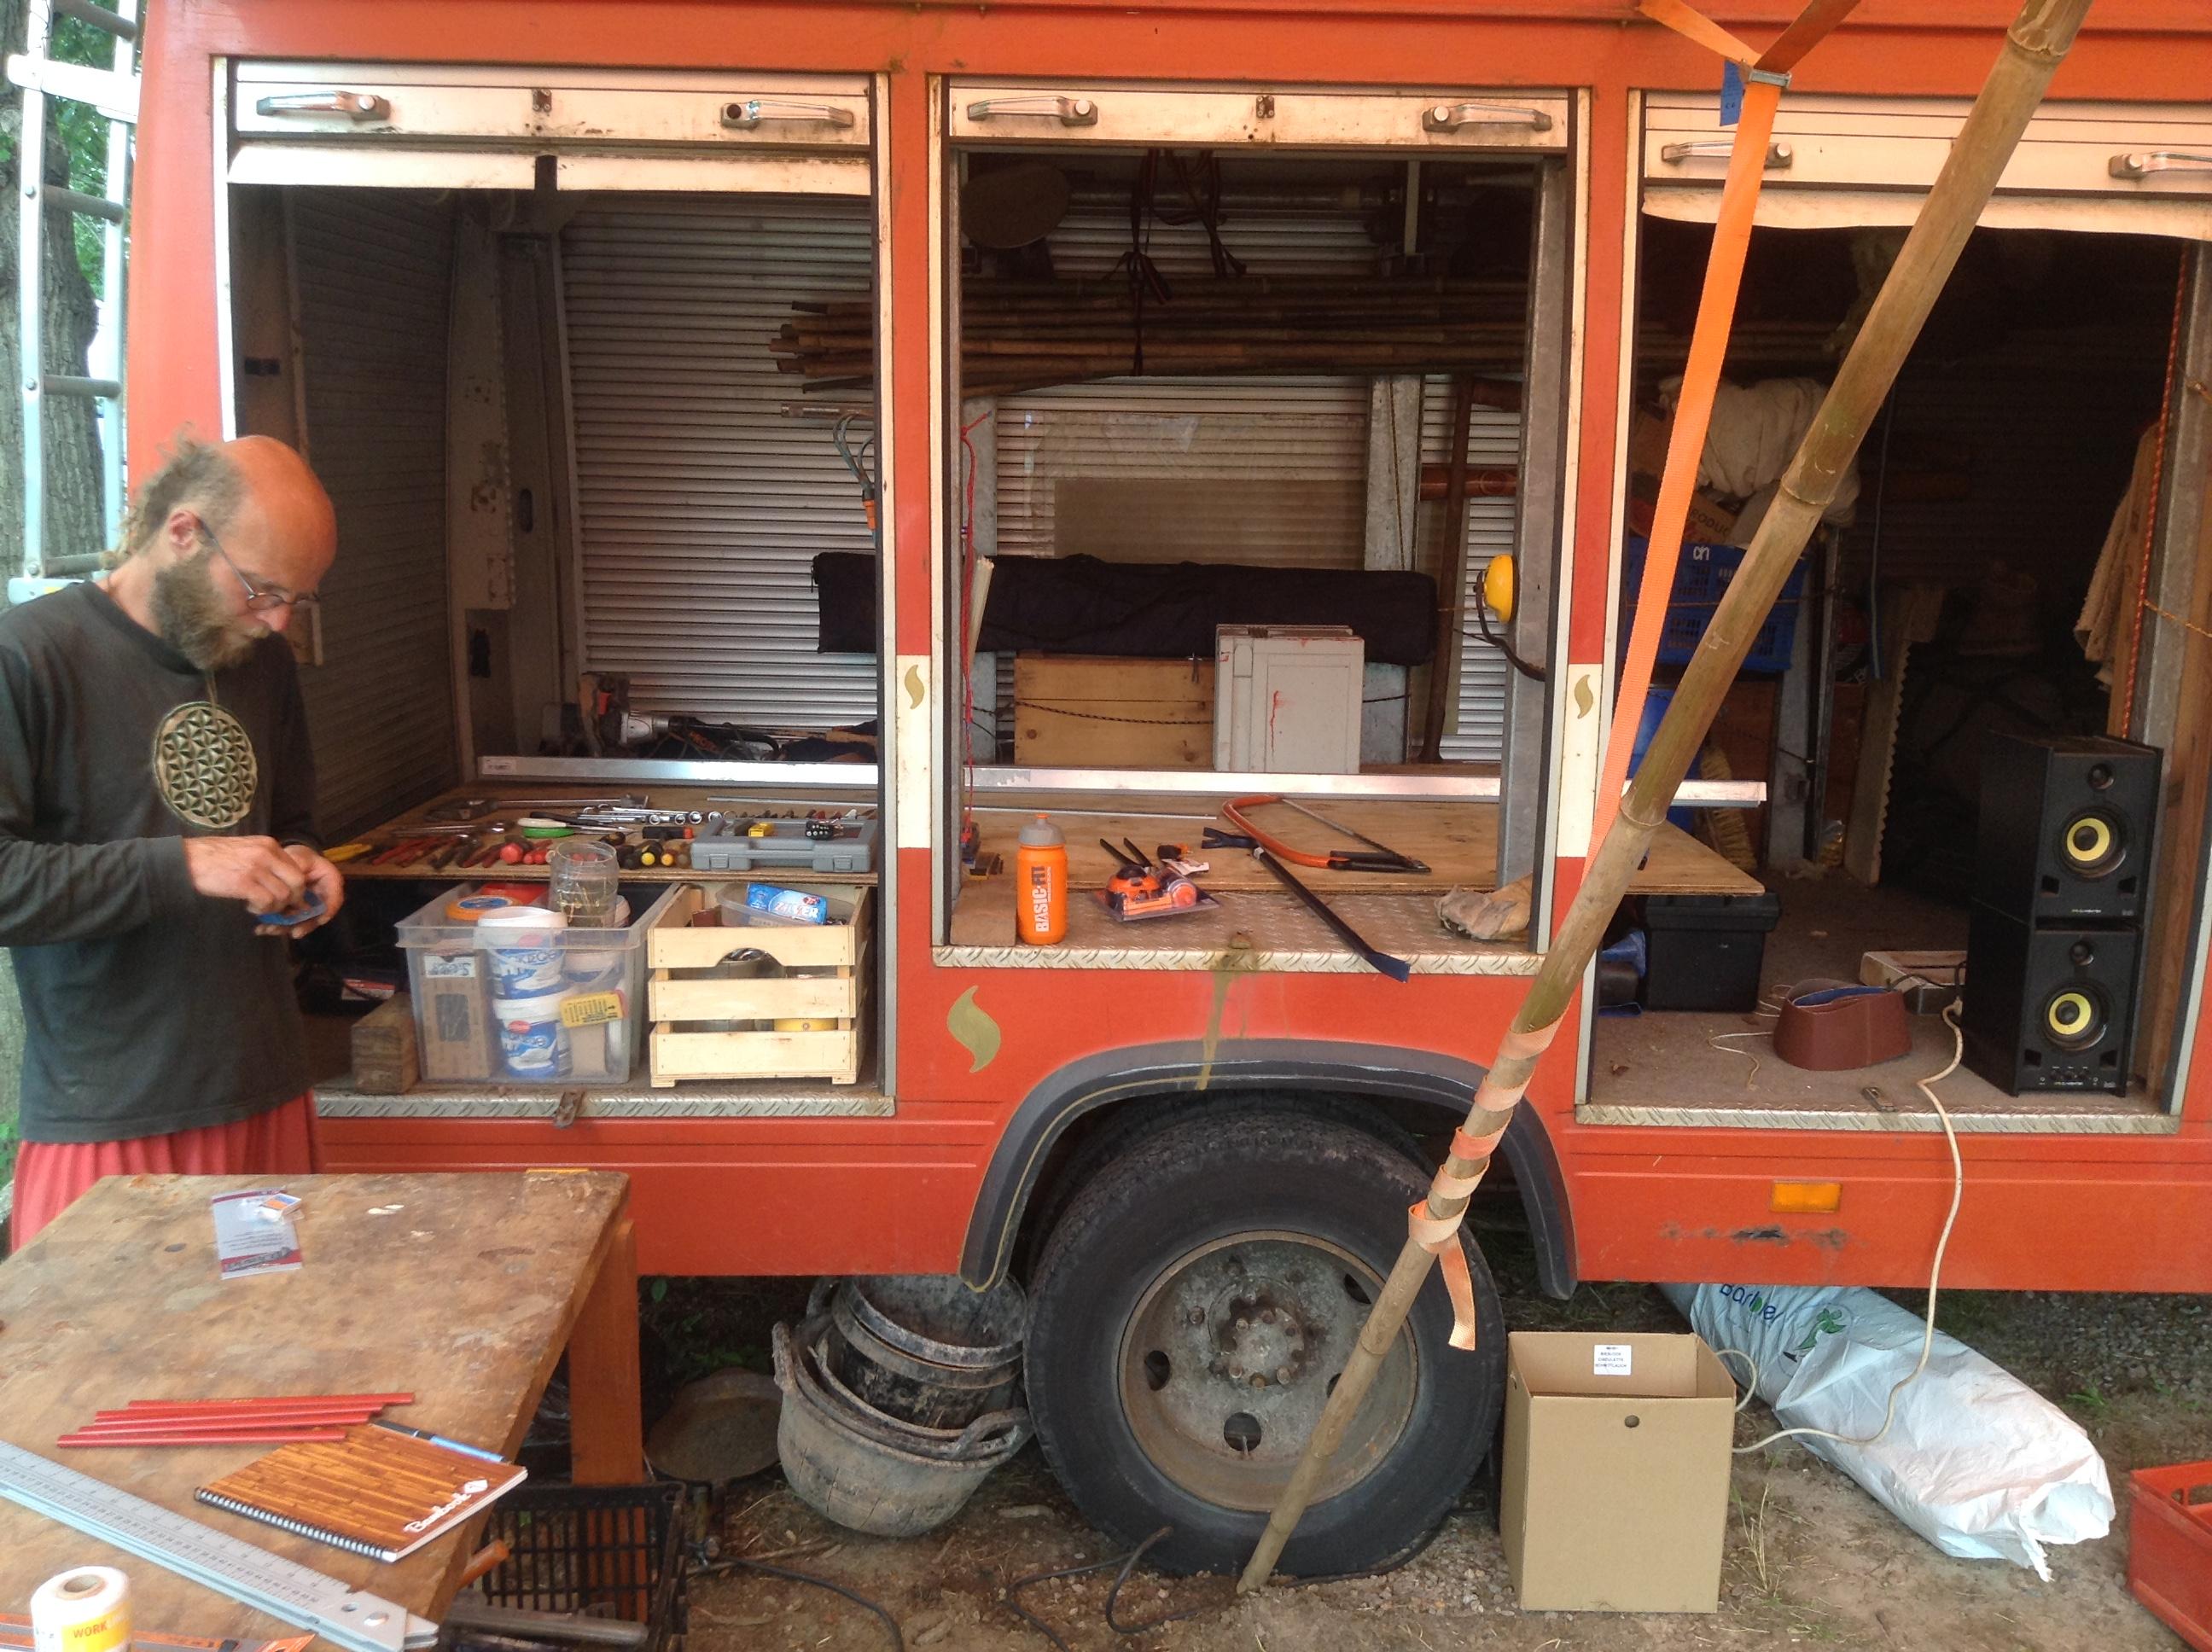 De brandweerbus / gereedschapwagen